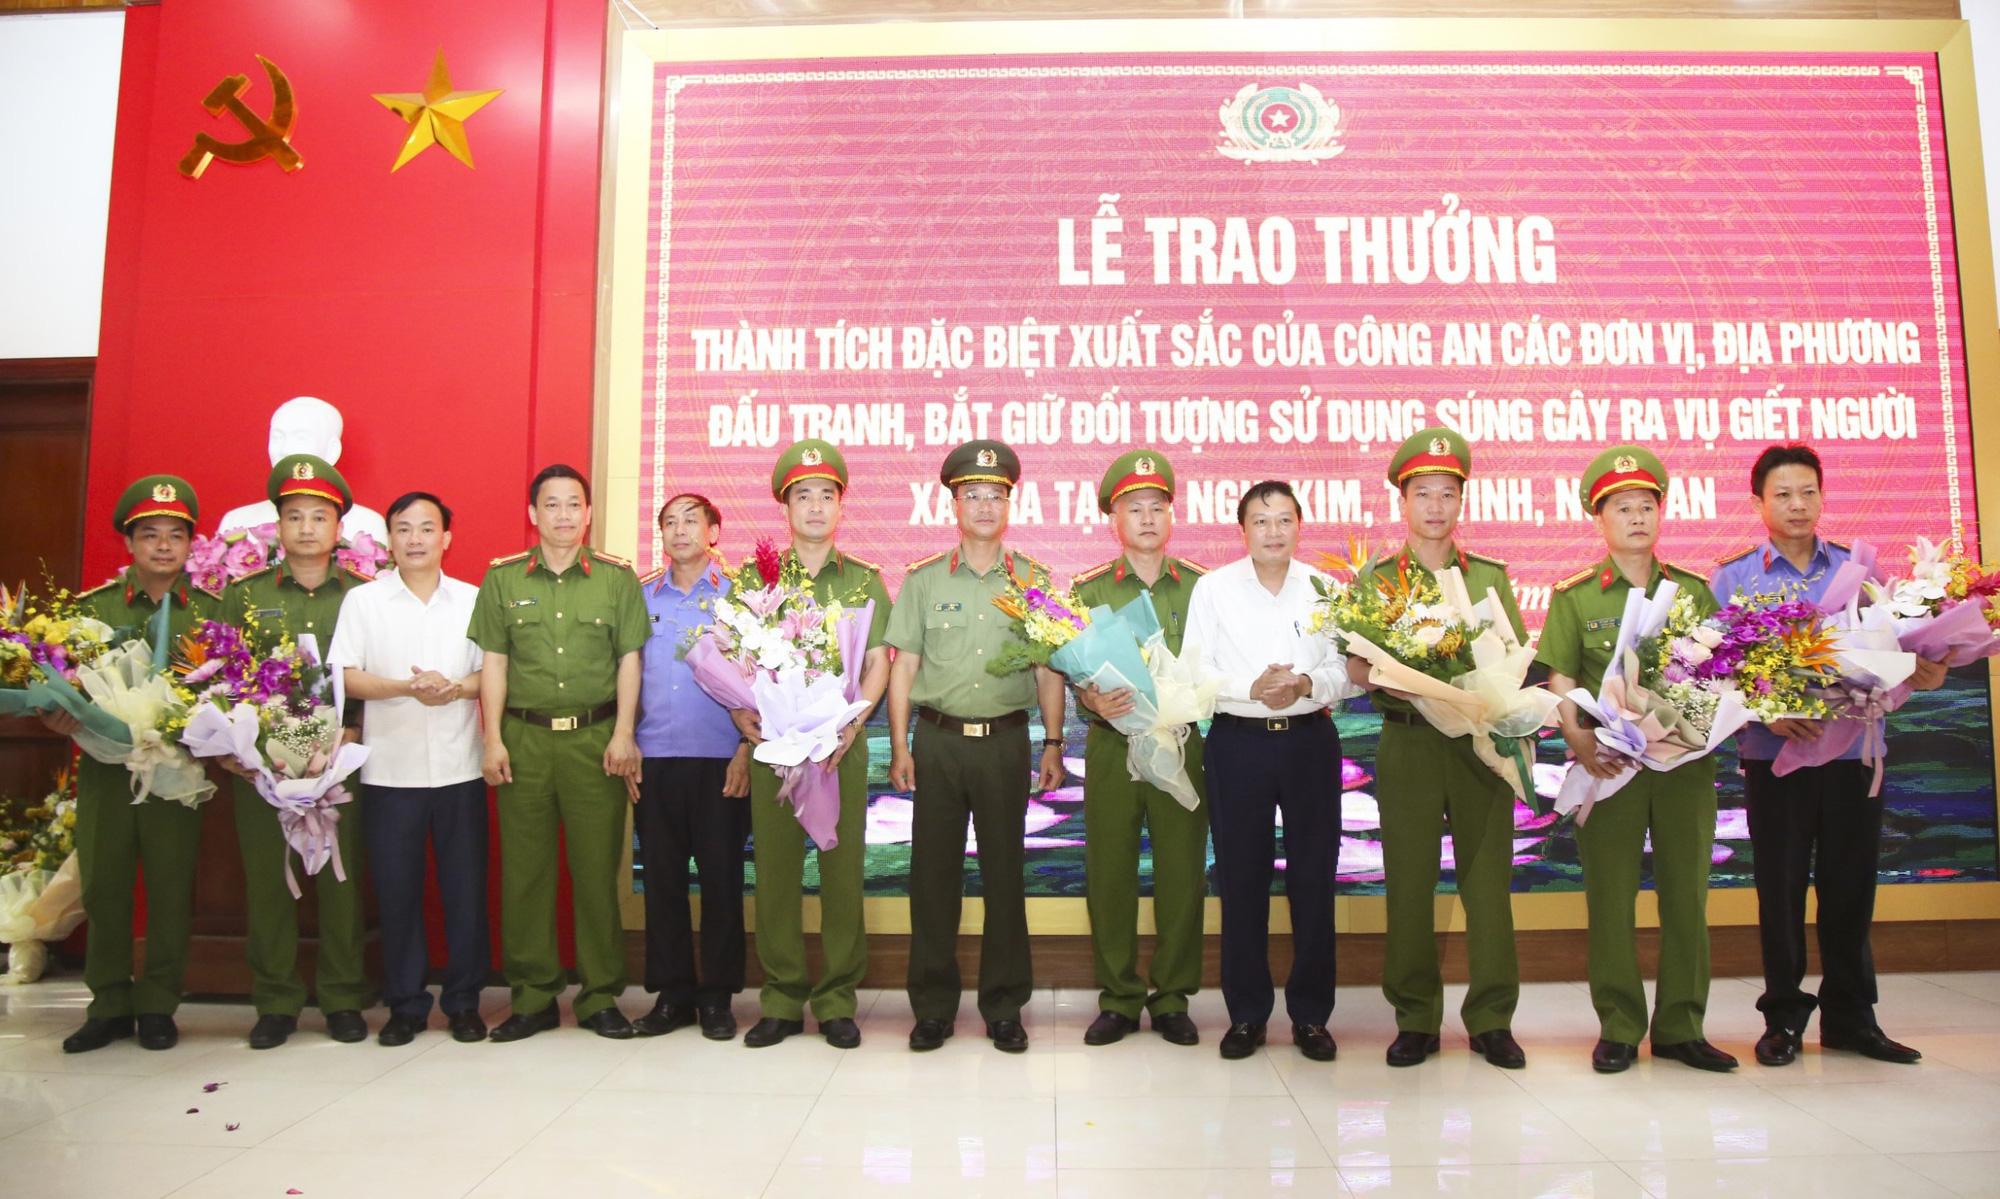 Trao thưởng cho lực lượng sớm bắt nghi phạm bắn chết 2 người ở Nghệ An - Ảnh 1.